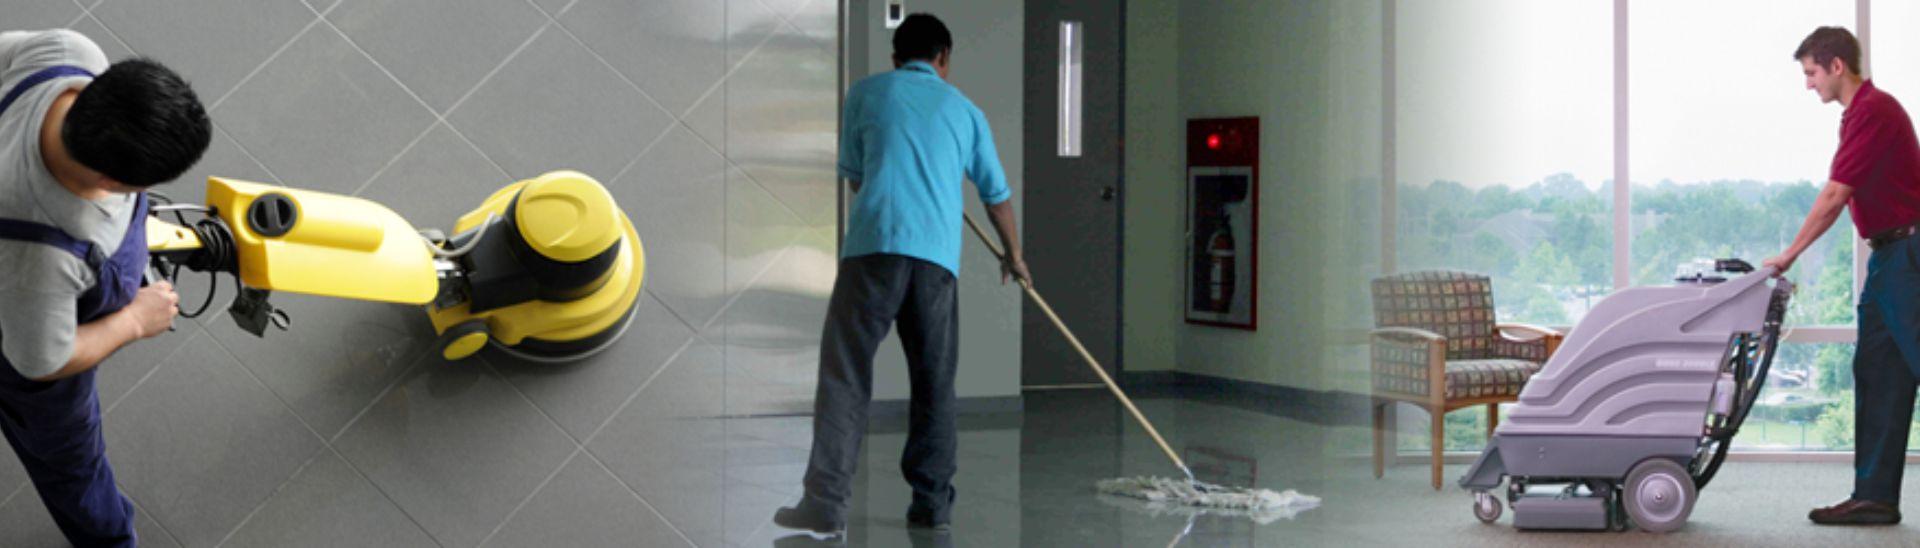 Servicios de limpieza y desinfección en Murcia